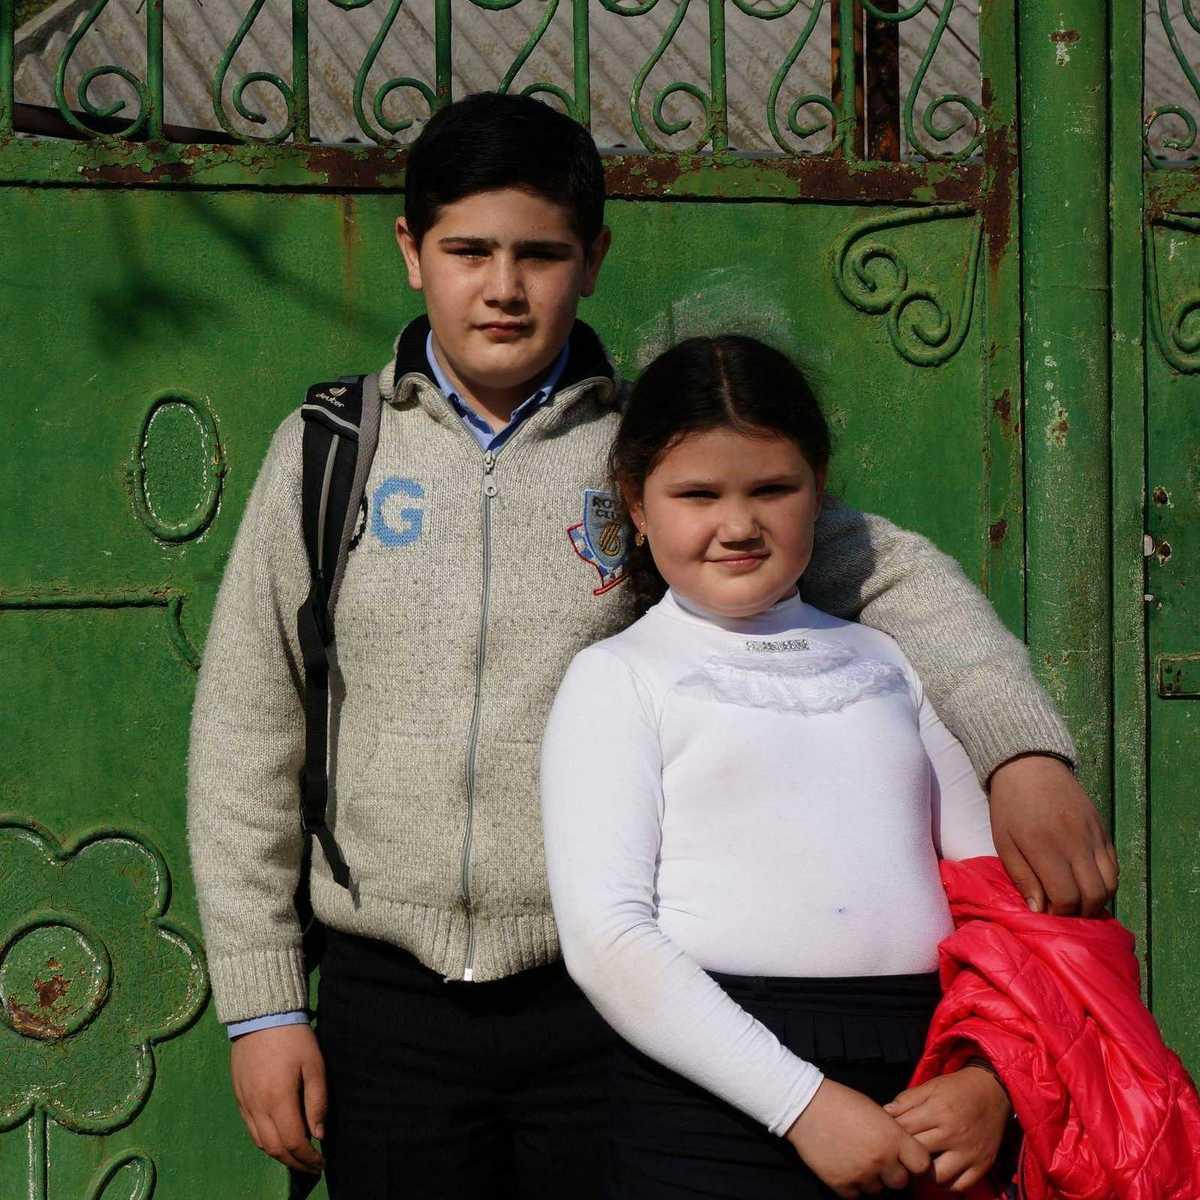 Die Geschwister Anna und Mihail vor ihrem zu Hause